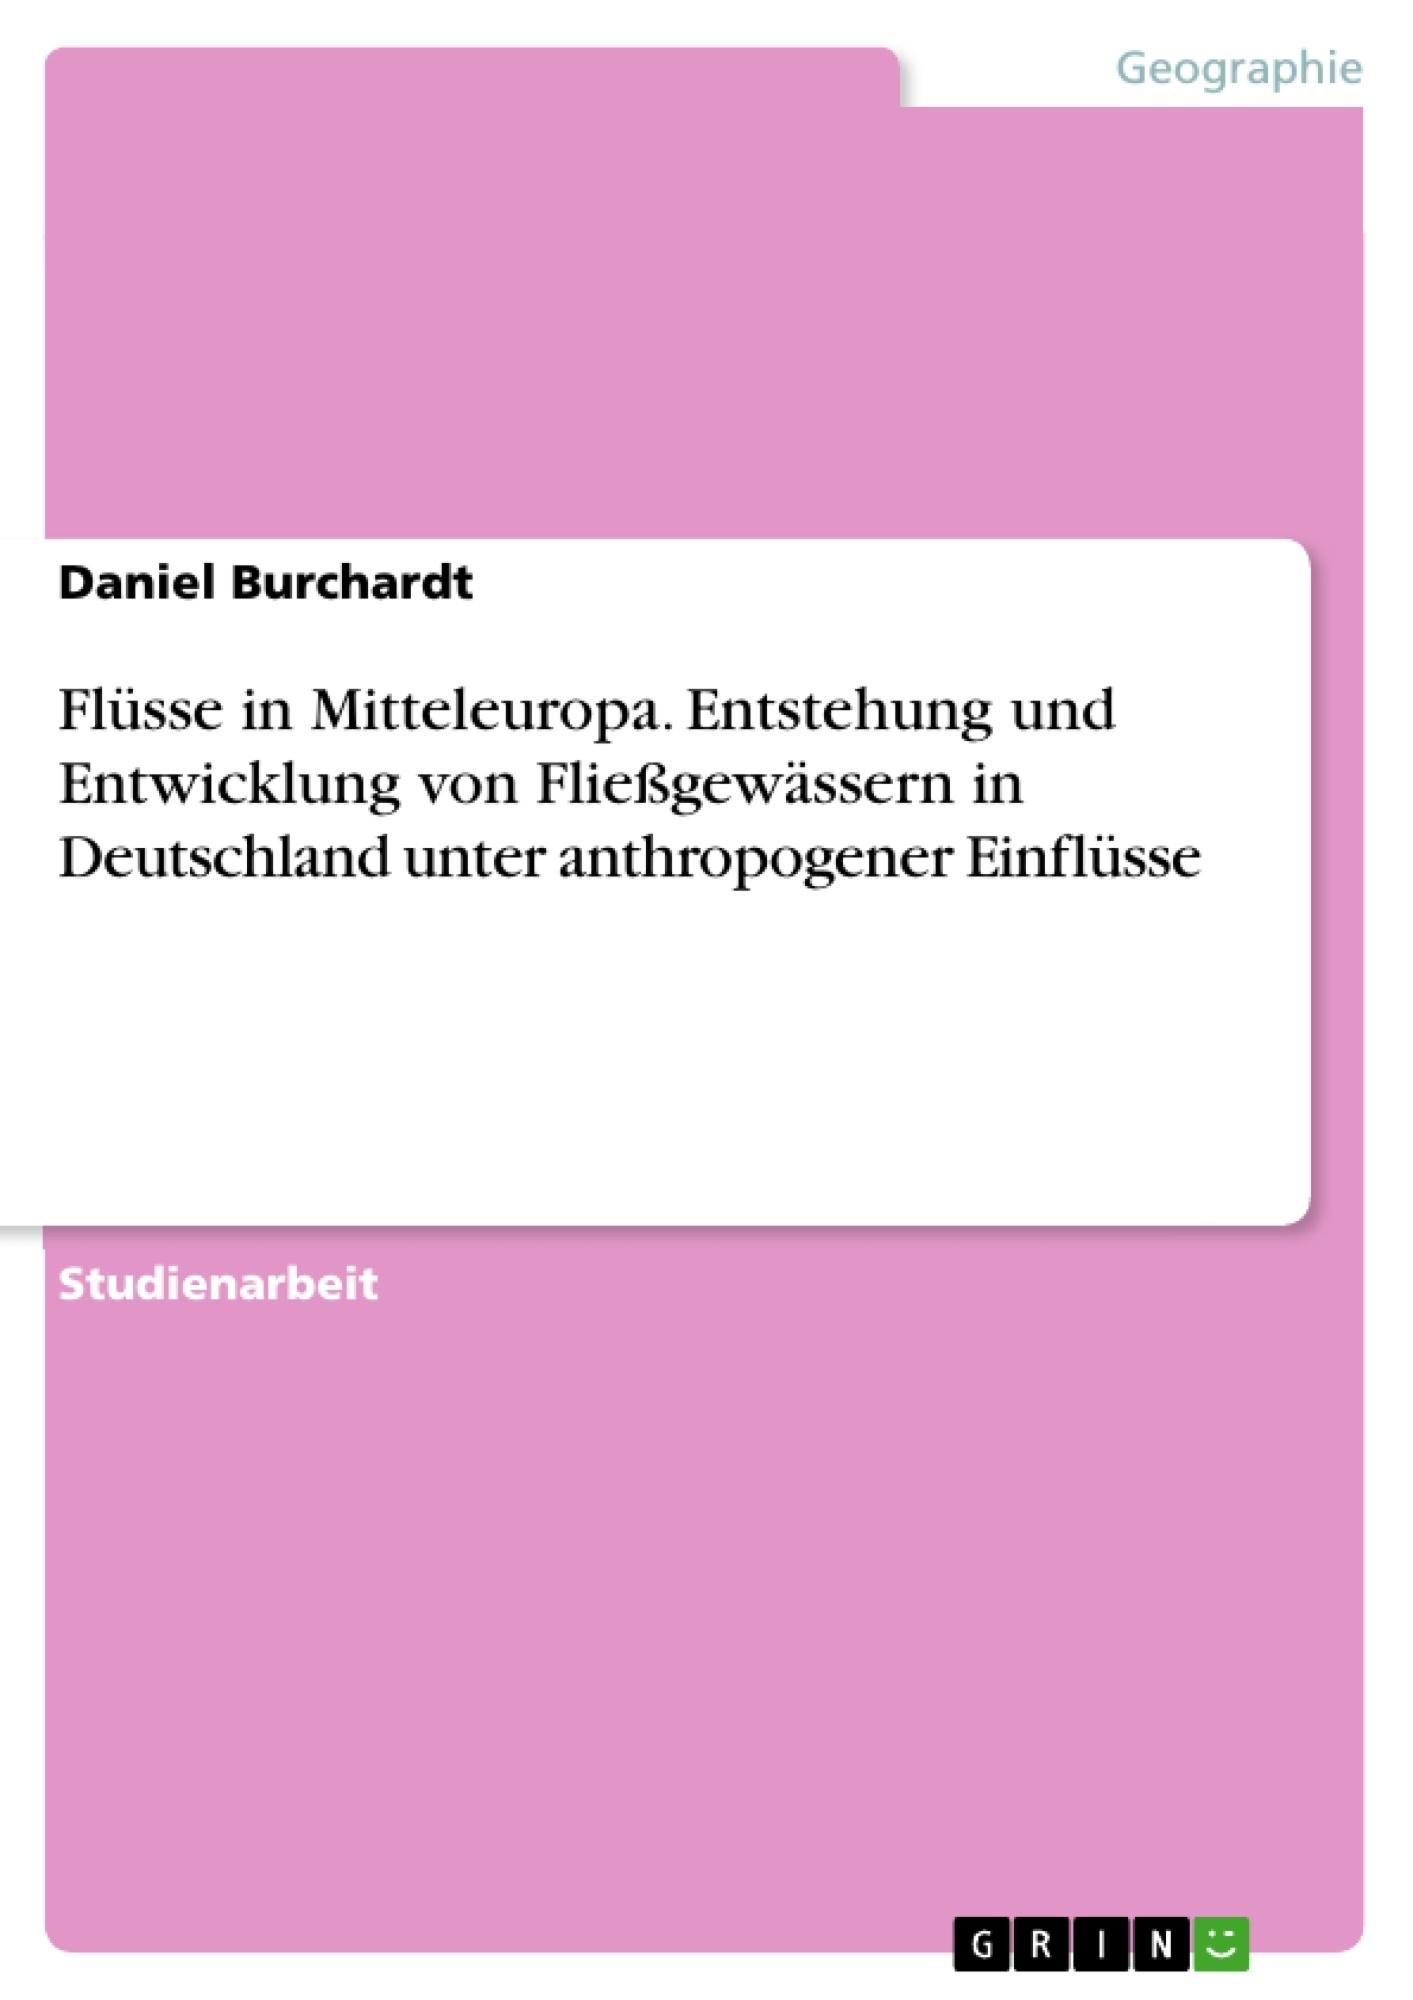 Titel: Flüsse in Mitteleuropa. Entstehung und Entwicklung von Fließgewässern in Deutschland unter anthropogener Einflüsse